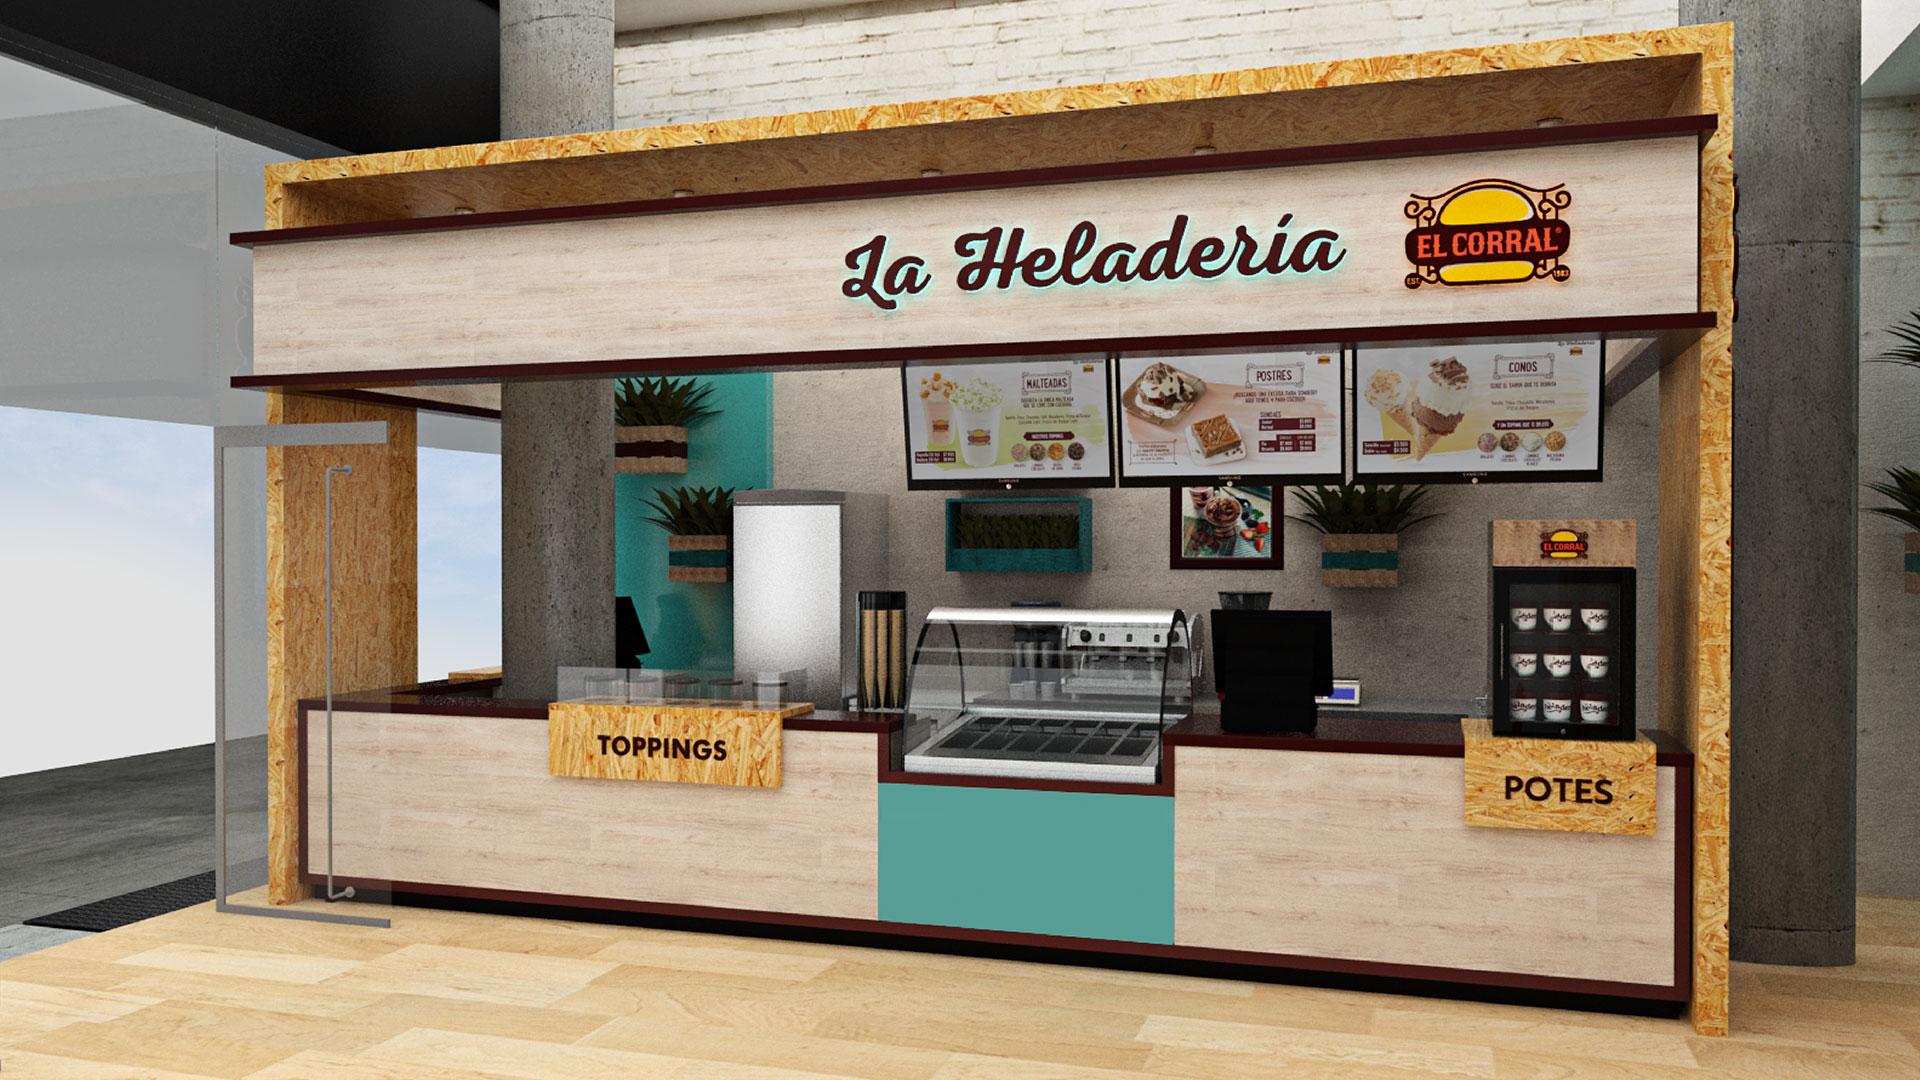 La Heladeria El Corral 14 - 360 Grados